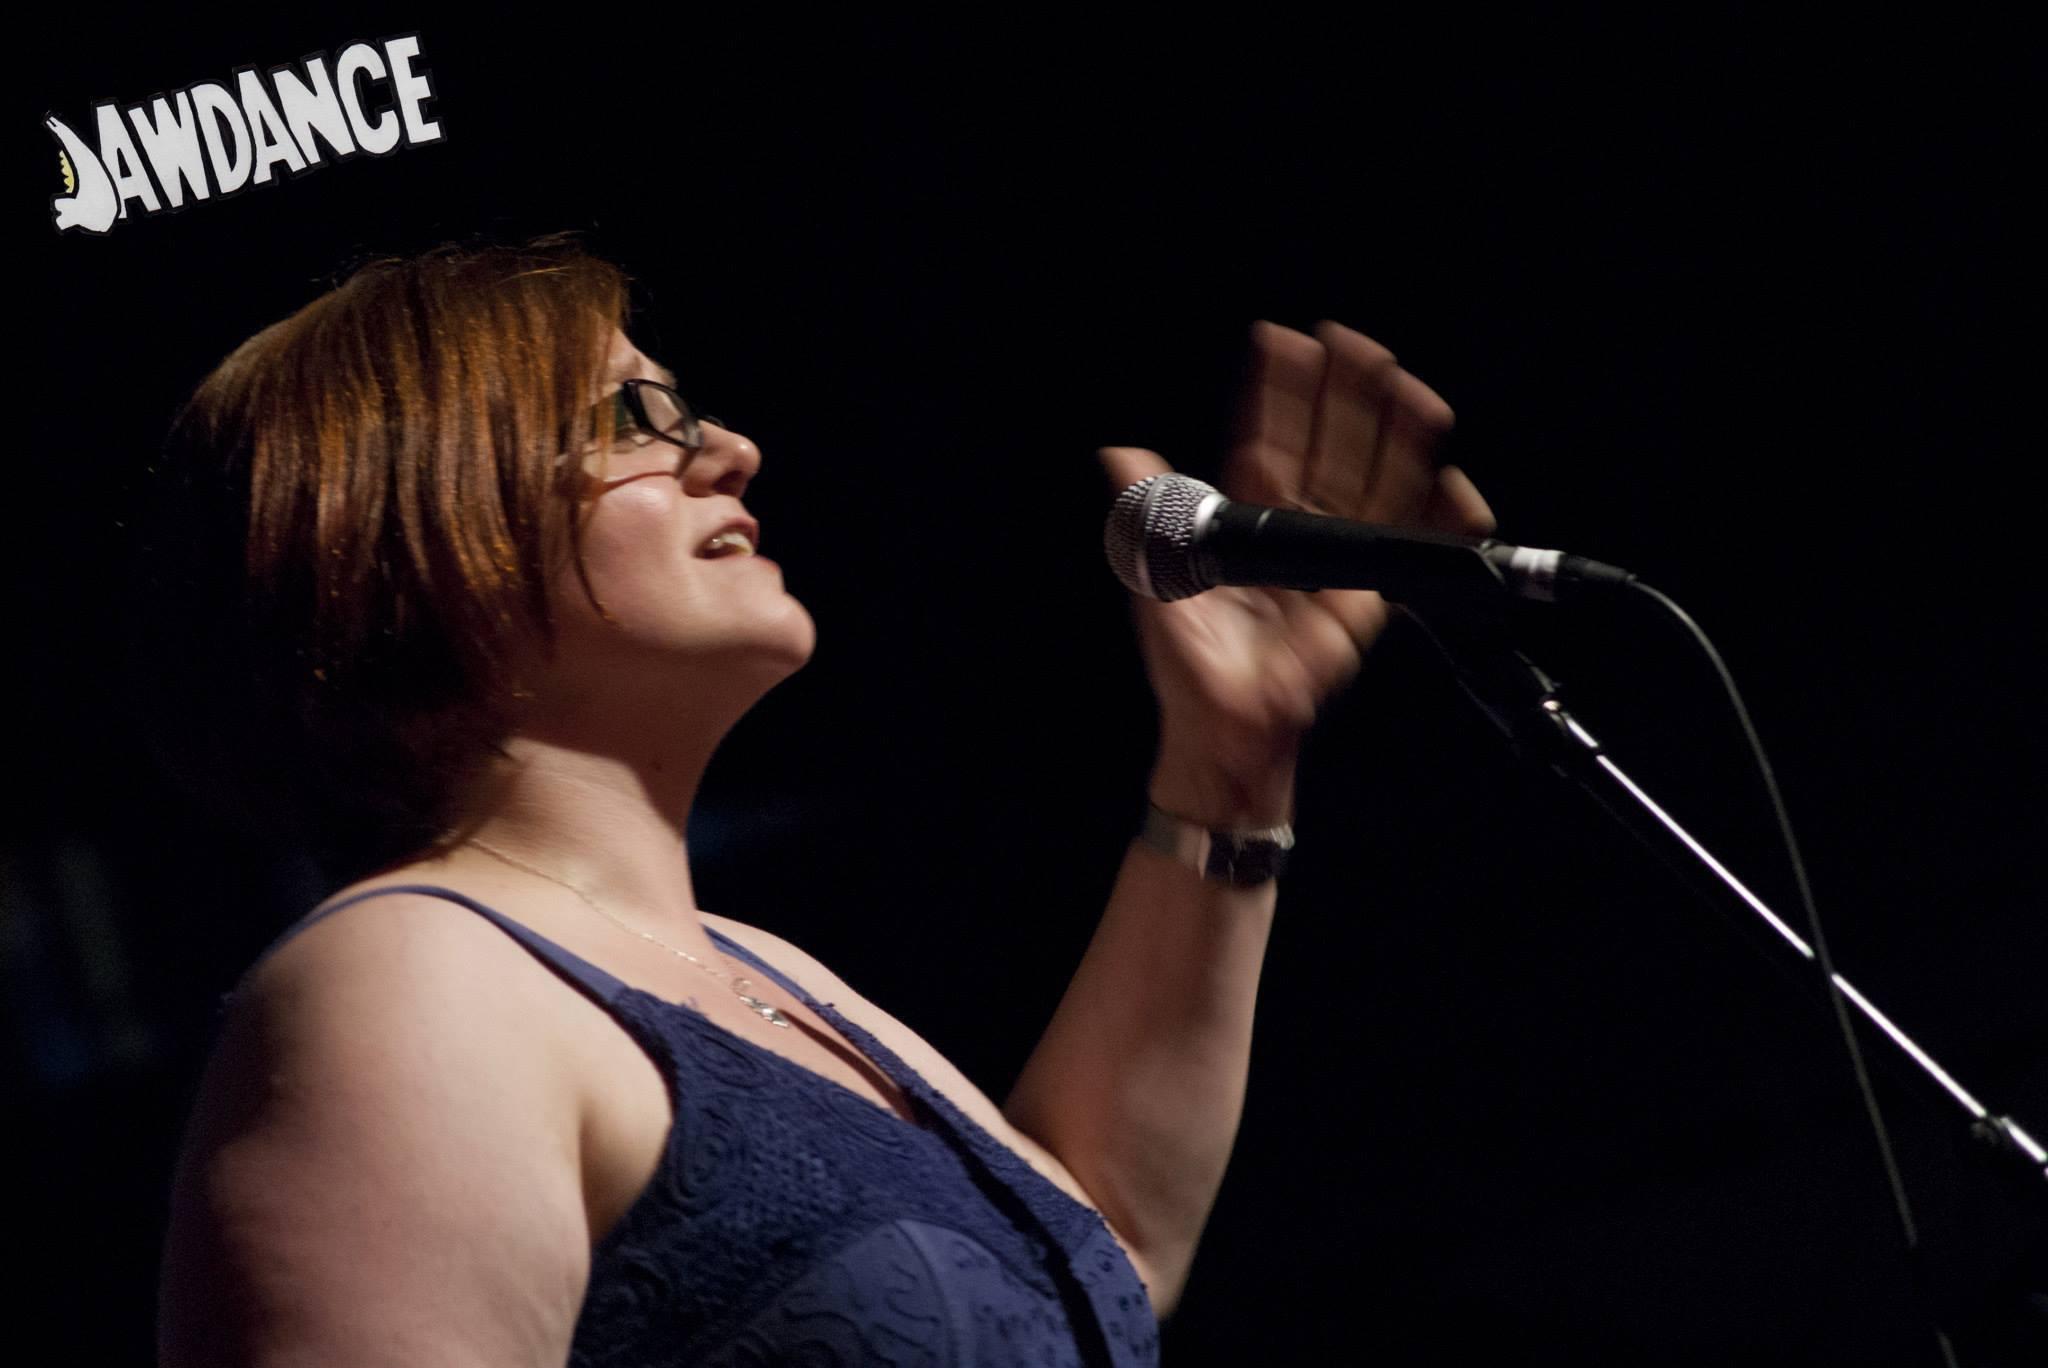 Hannah Chutzpah performing at Jawdance